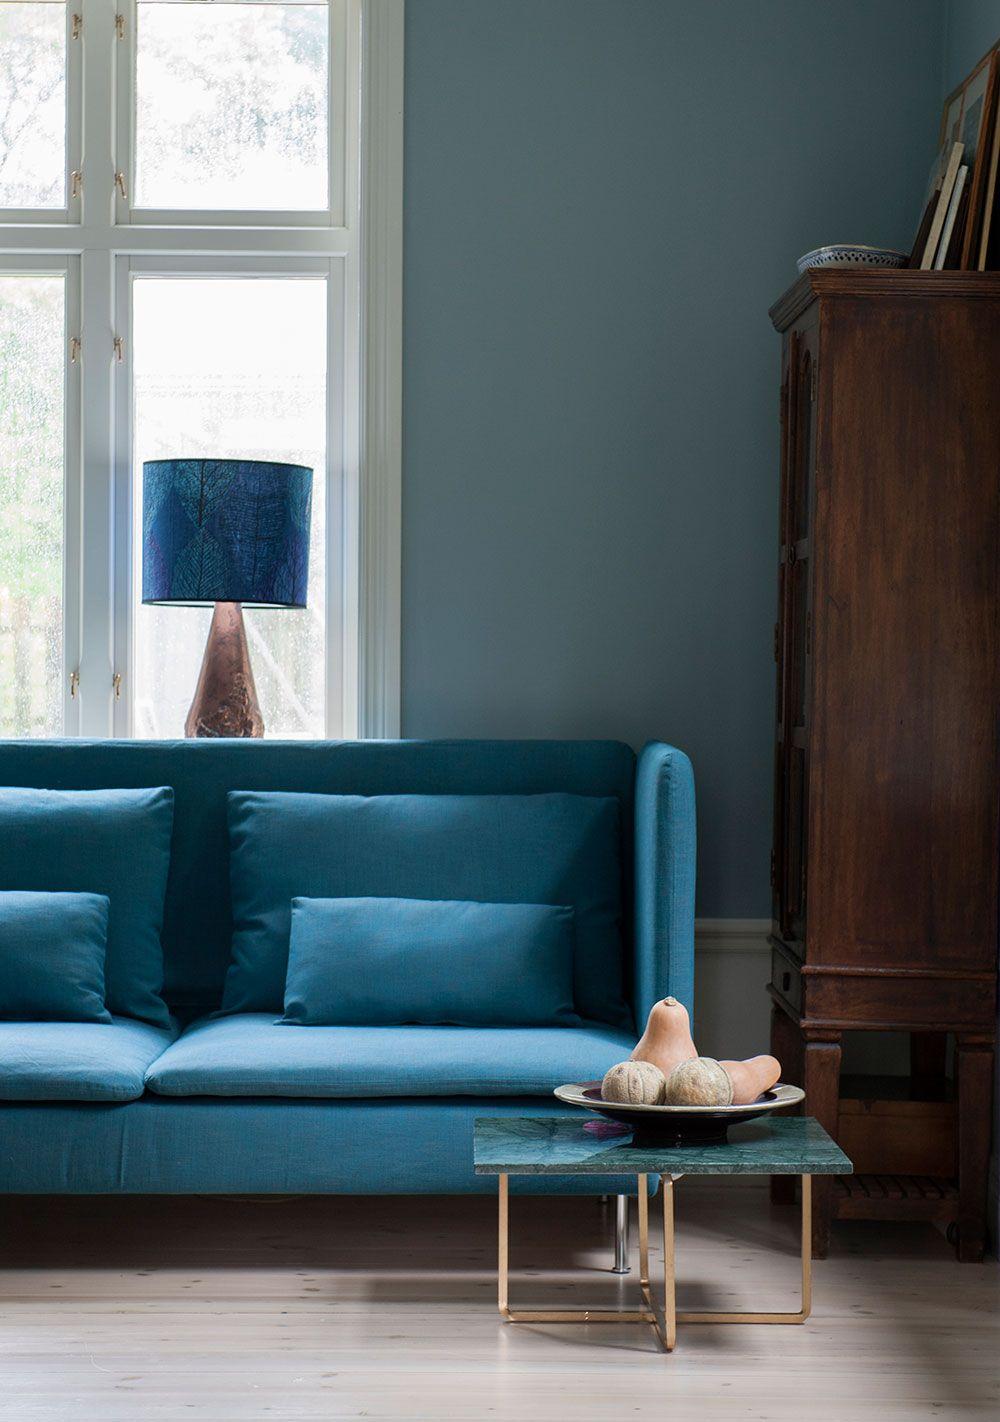 Teal Ikea Soderhamn In Teal Blue Tegner Melange Cover By Bemz